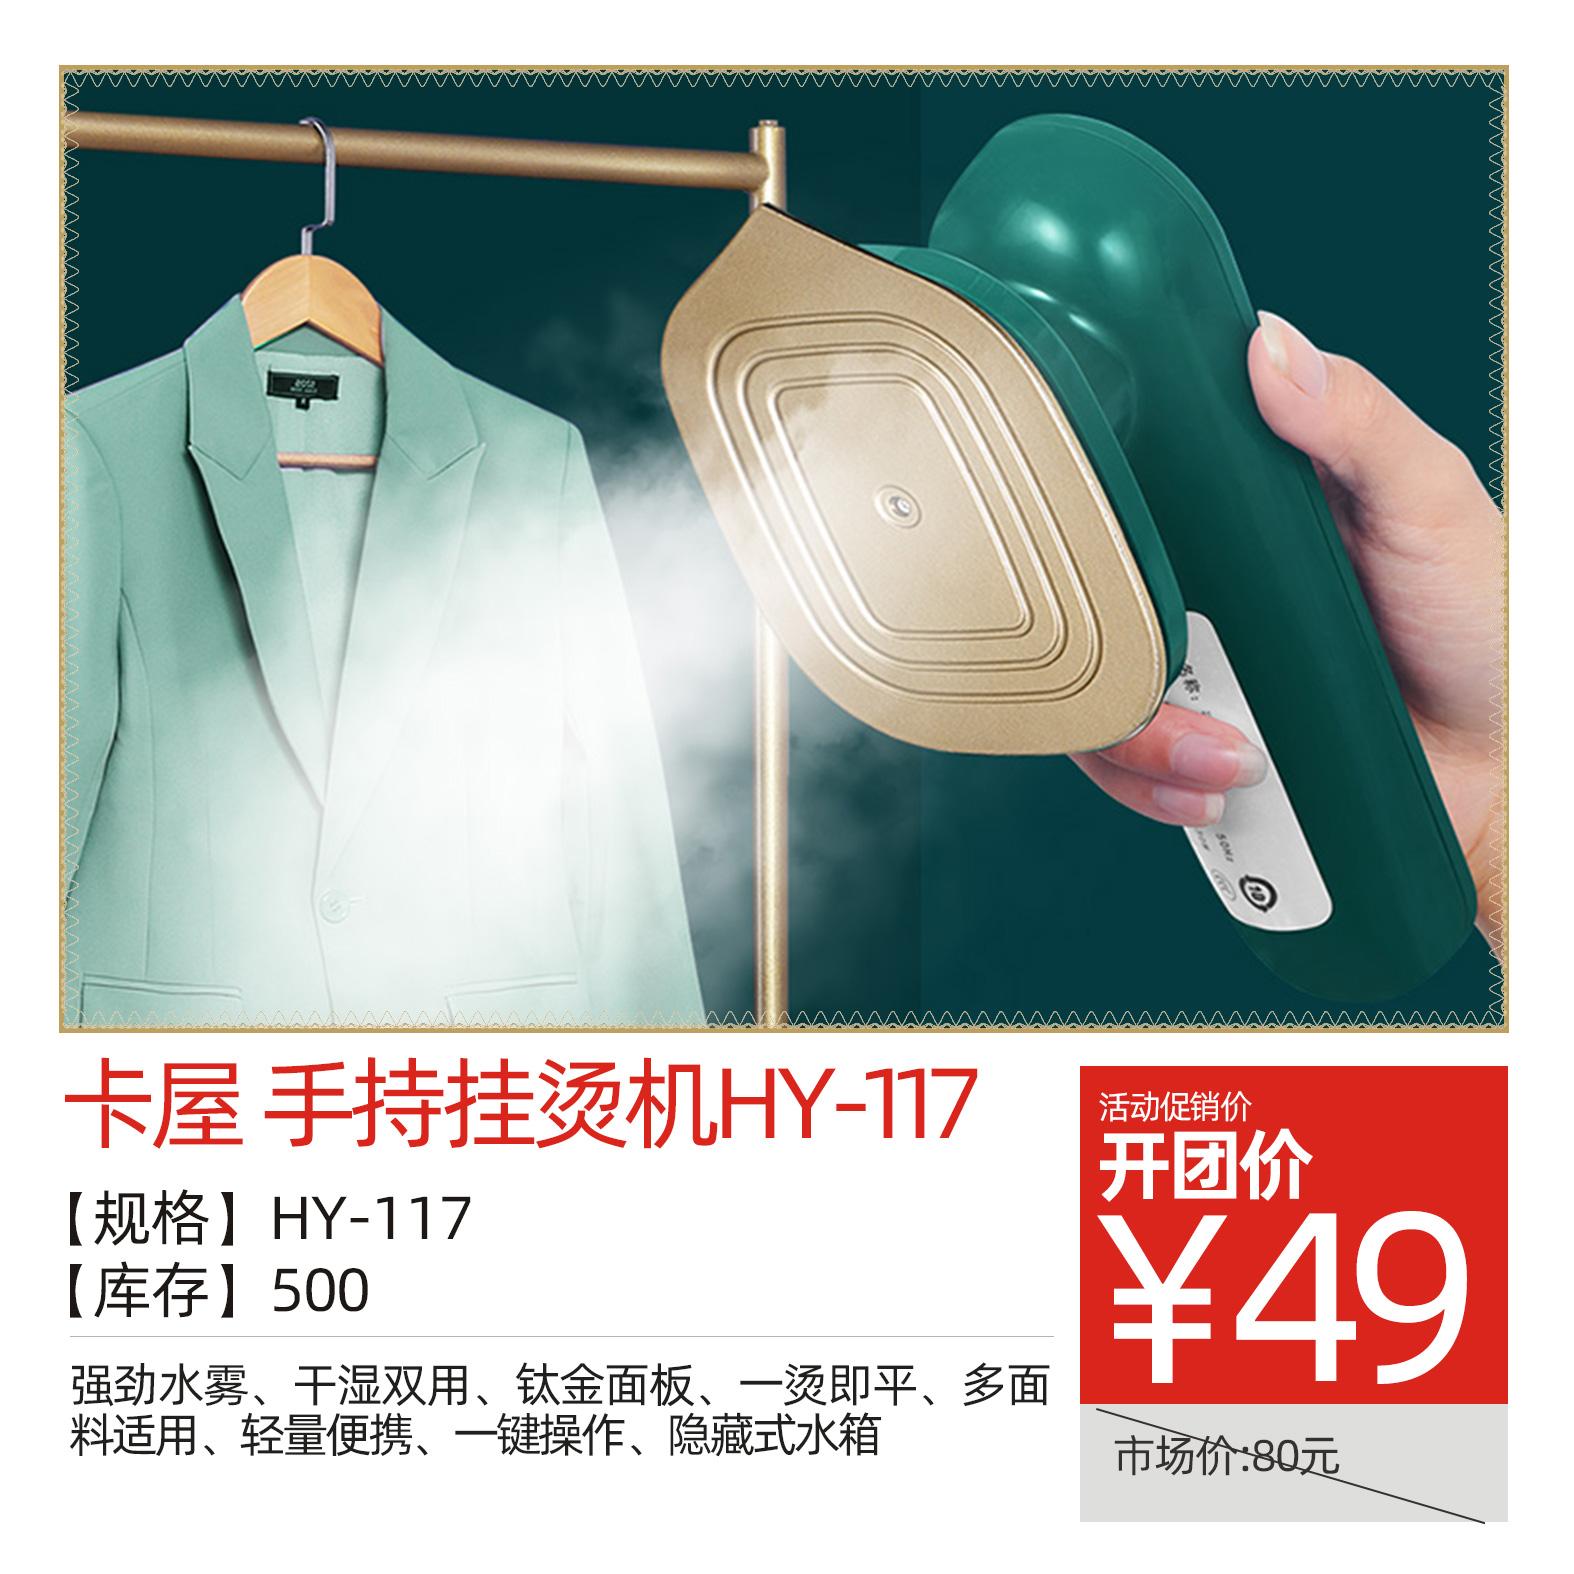 卡屋 手持挂烫机HY-117